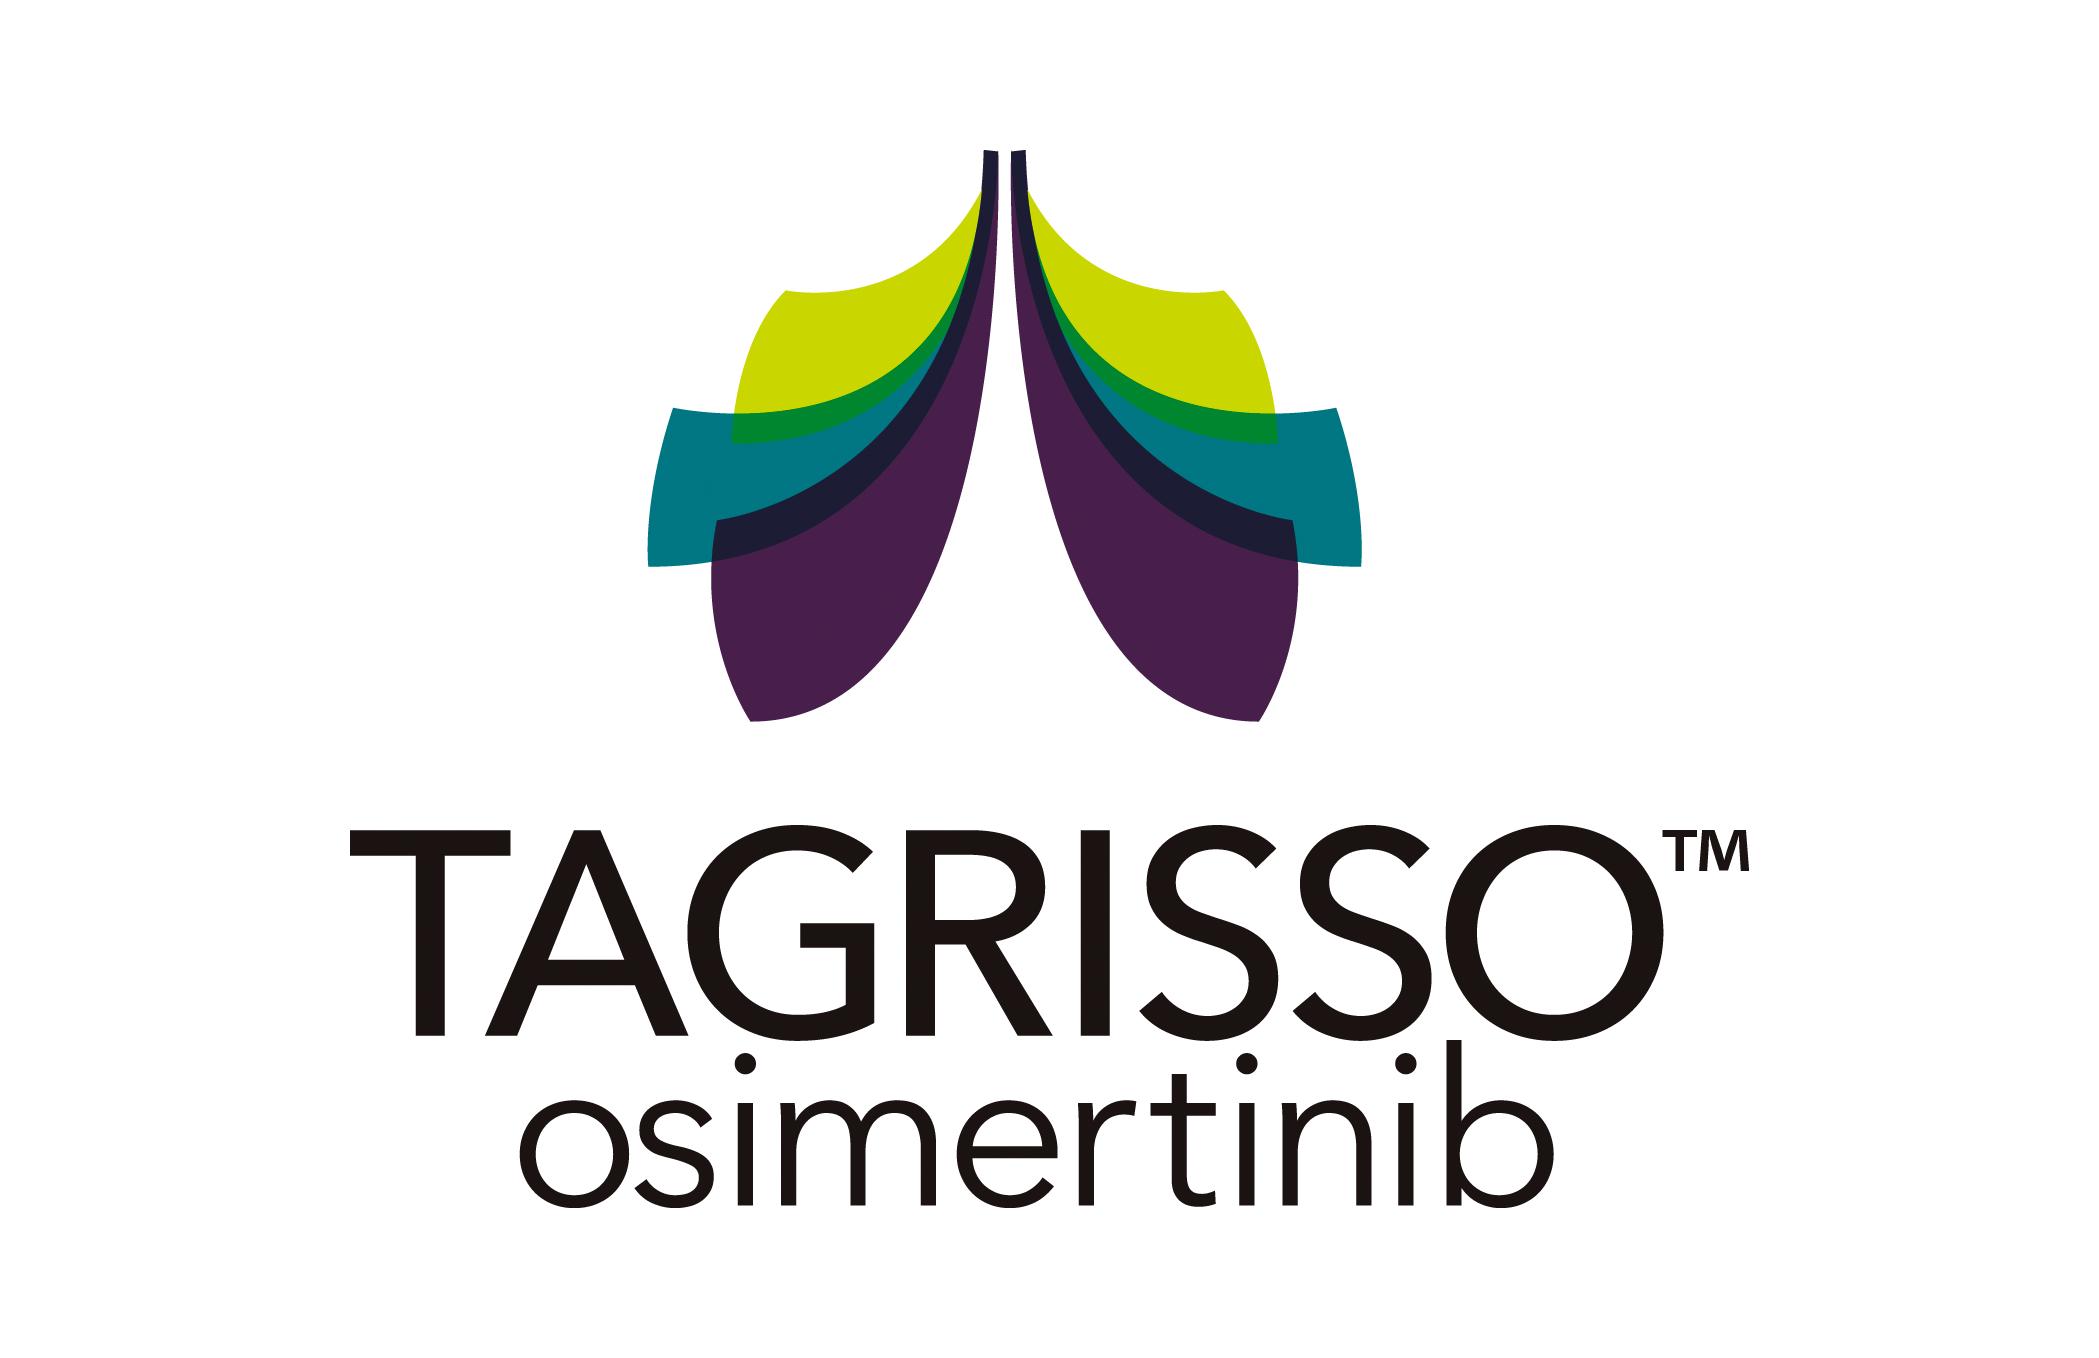 «Тагриссо» (Tagrisso, осимертиниб).